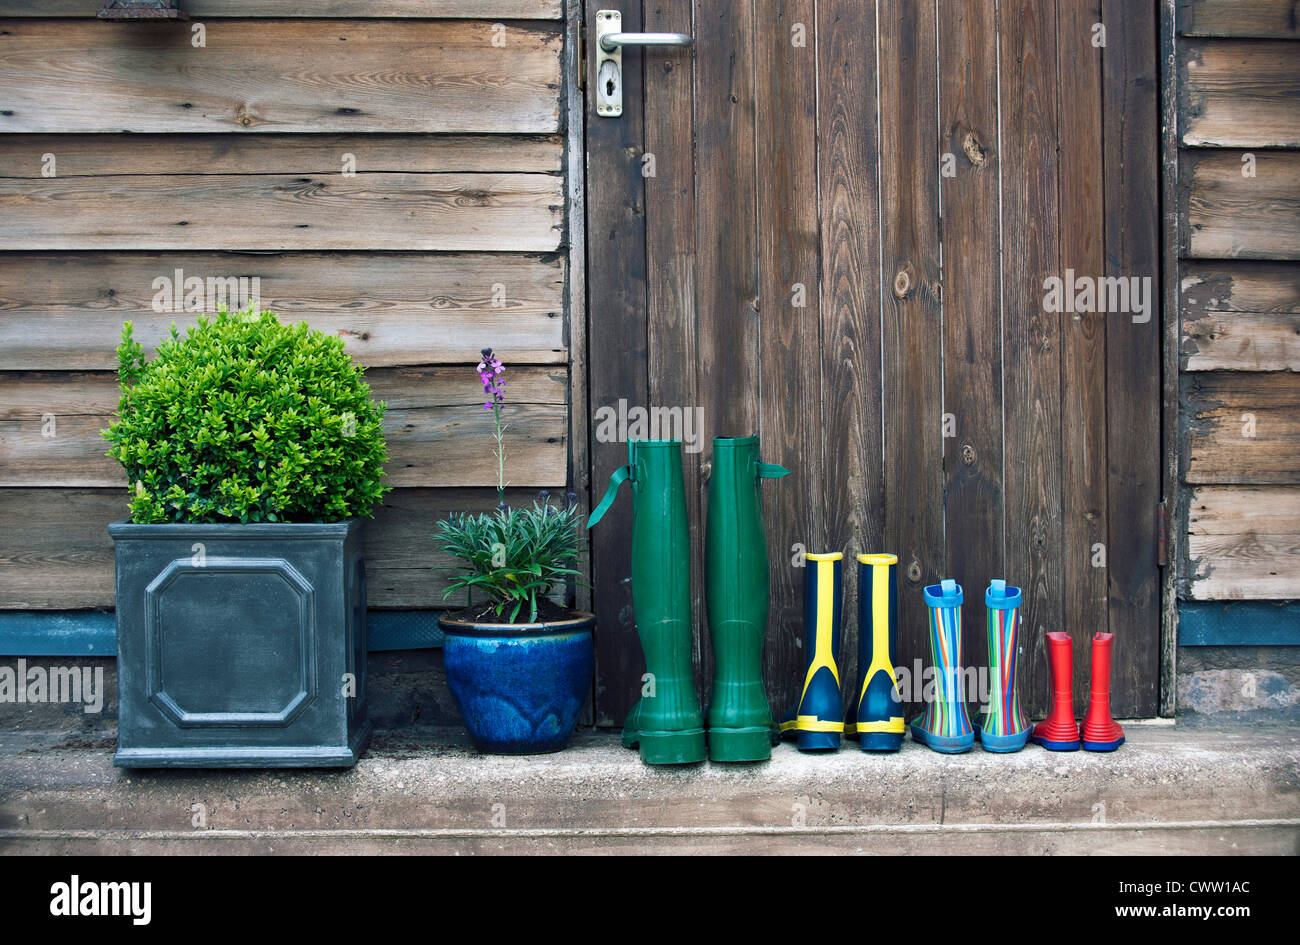 Gummistiefel und Pflanzen auf Veranda Stockfoto